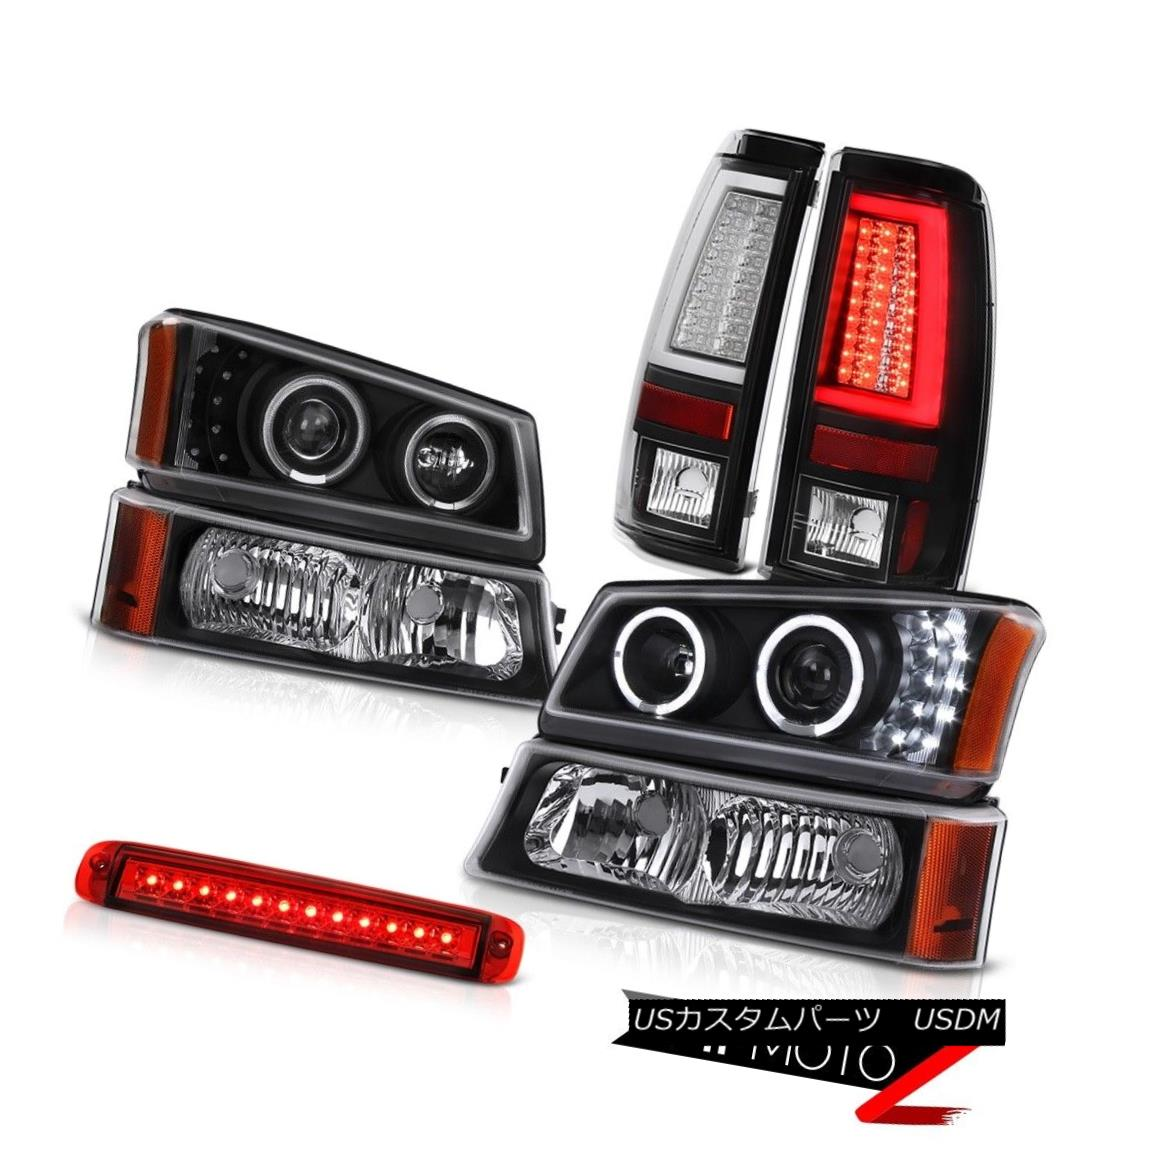 テールライト 2003-2006 Chevy Silverado Taillights High Stop Lamp Turn Signal Headlamps LED 2003-2006シボレーシルバラード灯台ハイストップランプターンシグナルヘッドランプLED